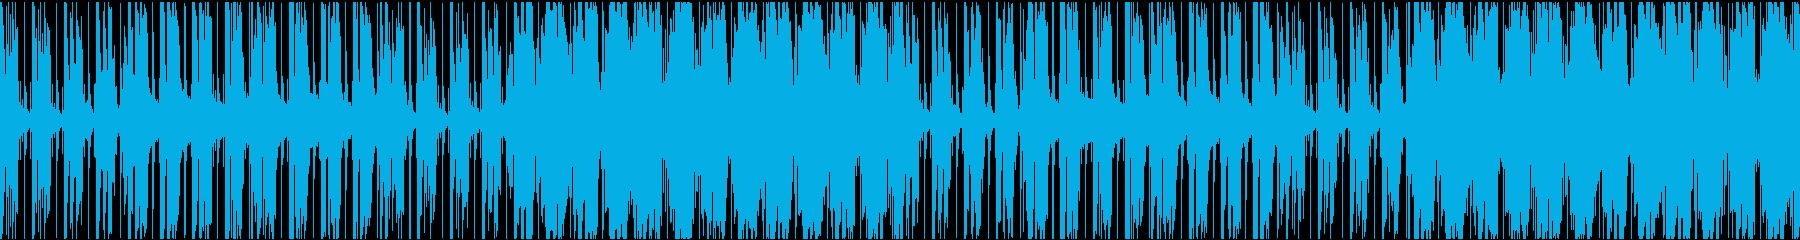 お洒落でクールなR&BテイストのBGMの再生済みの波形